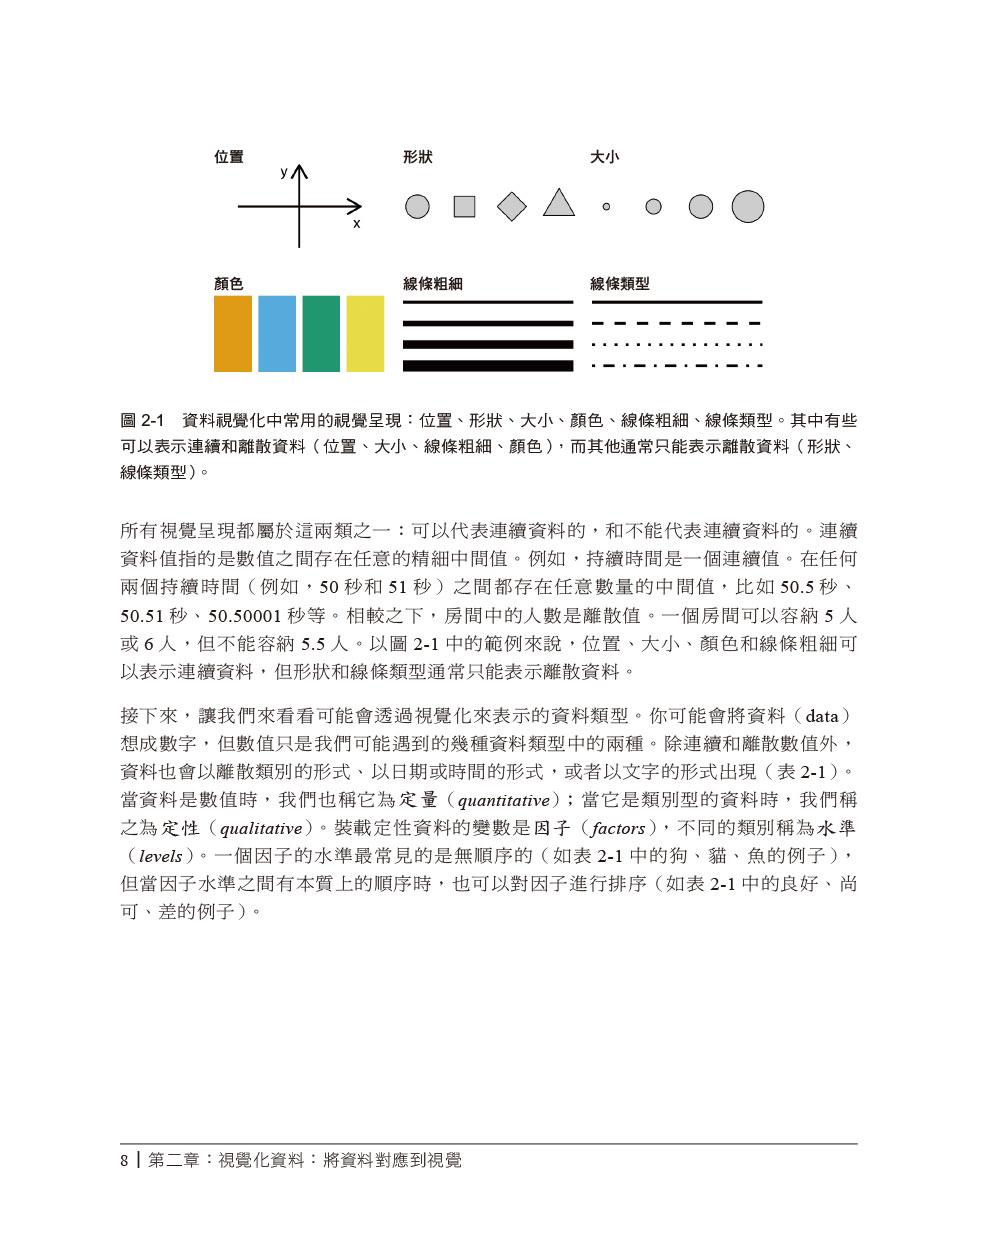 資料視覺化|製作充滿說服力的資訊圖表